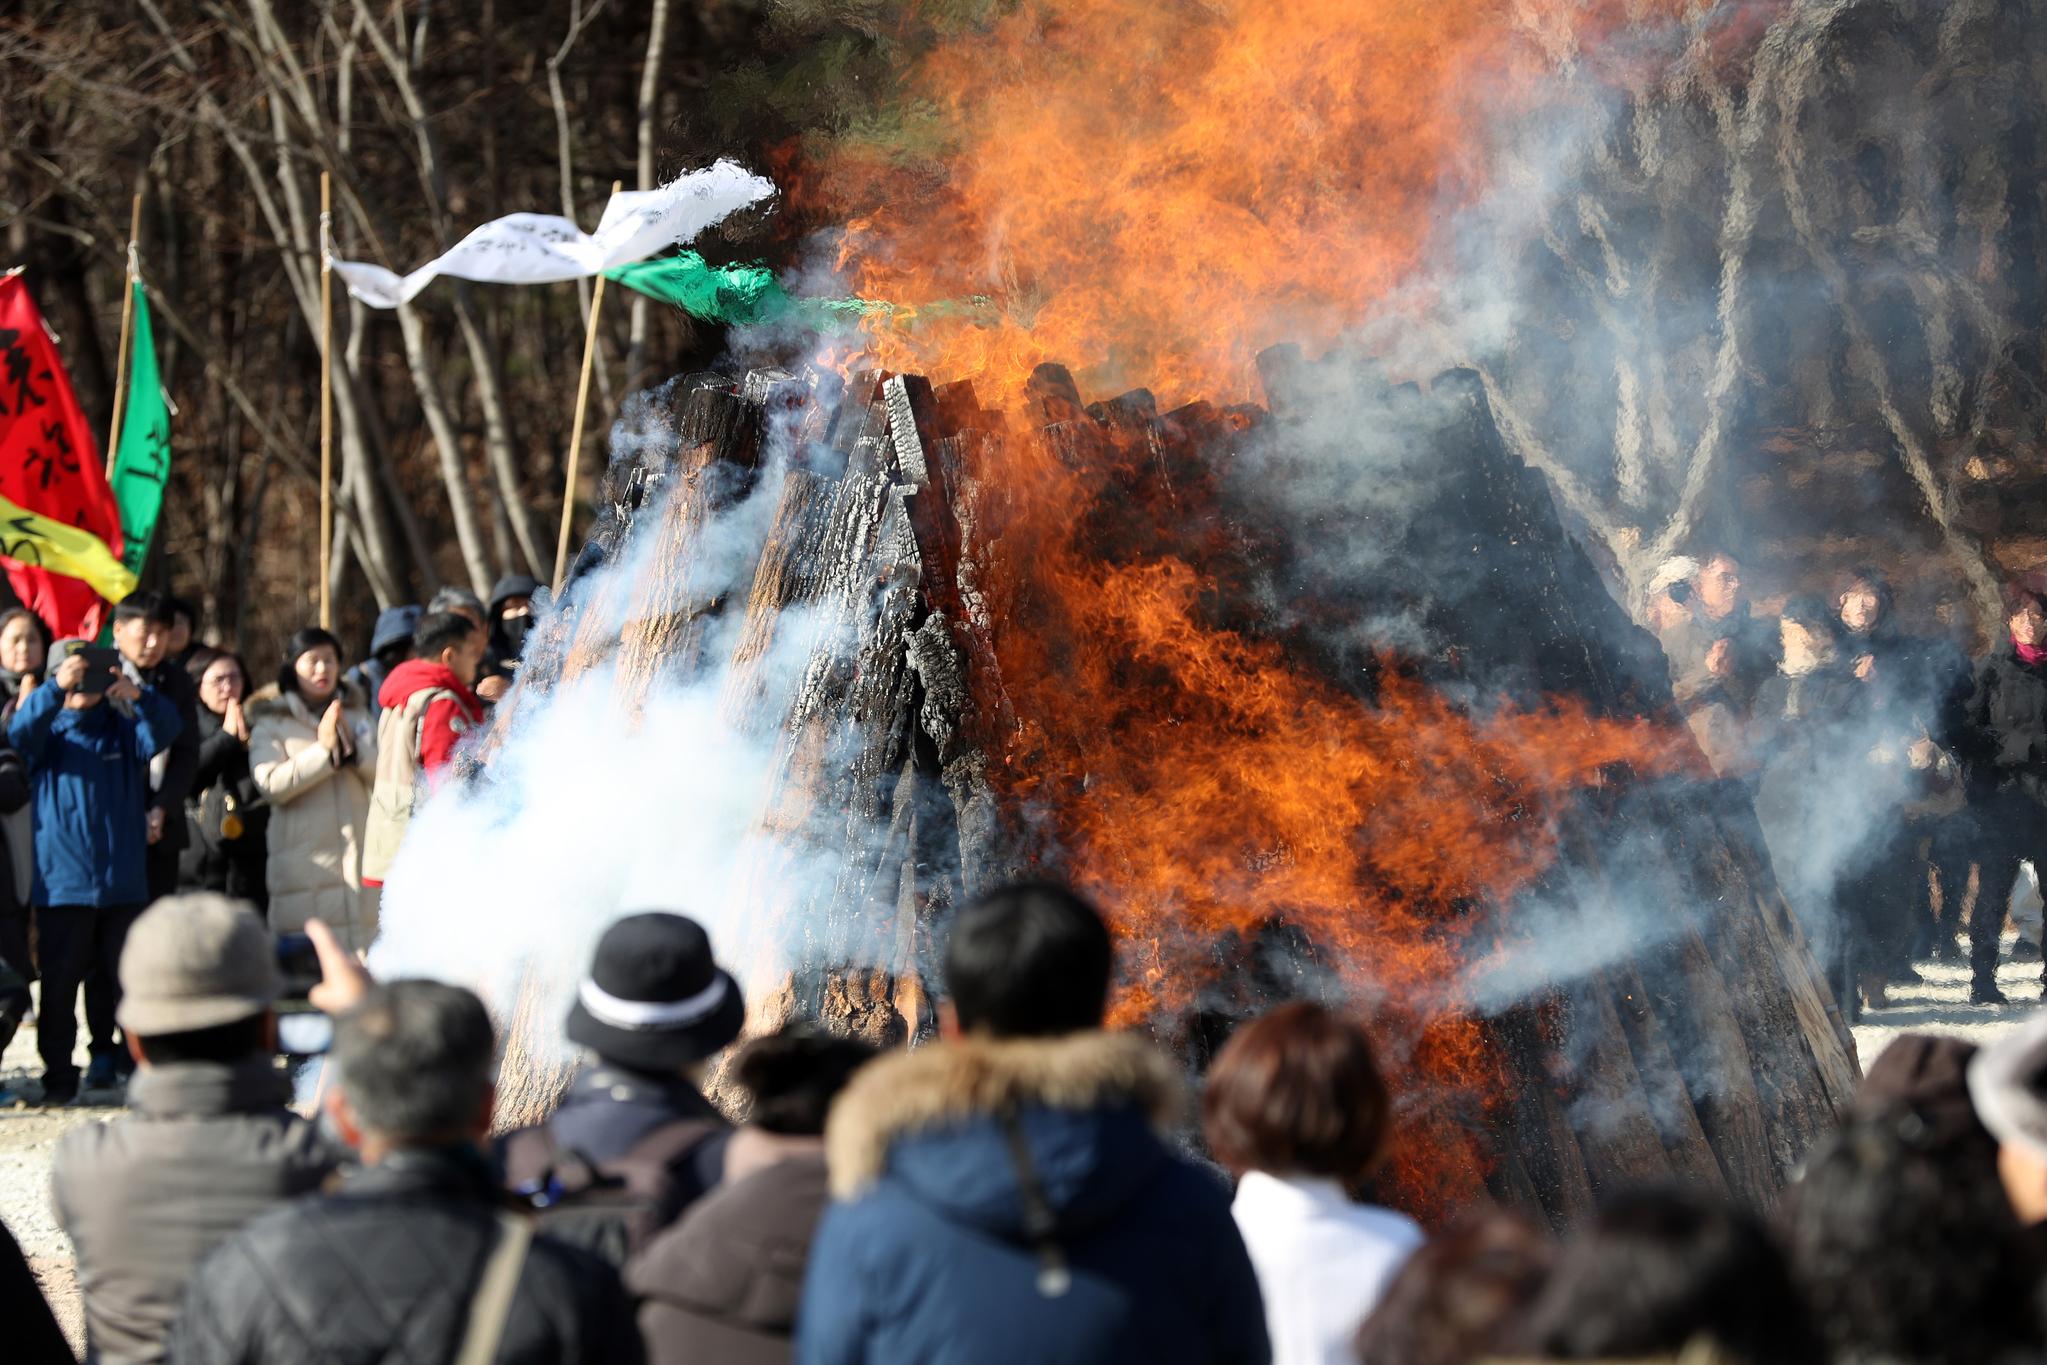 지난 24일 입적한 적명스님의 다비식이 28일 경북 문경시 봉암사에서 엄수되고 있다. [연합뉴스]